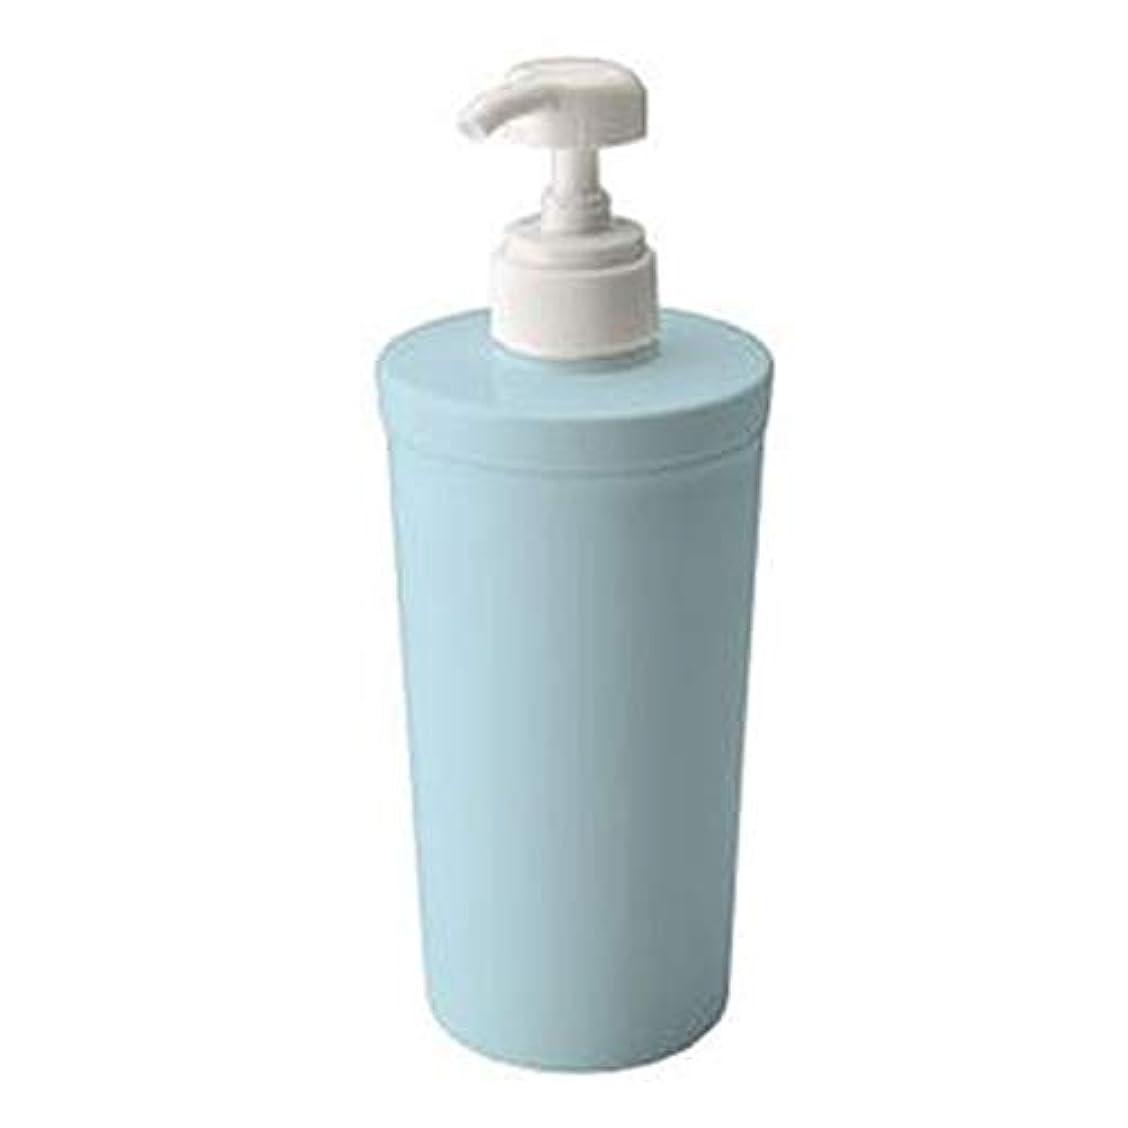 極地腐った冷笑するシンプル/ディスペンサー/シャンプーボトル / - ブルー - / 材質:PP / 『HOME&HOME』 - -